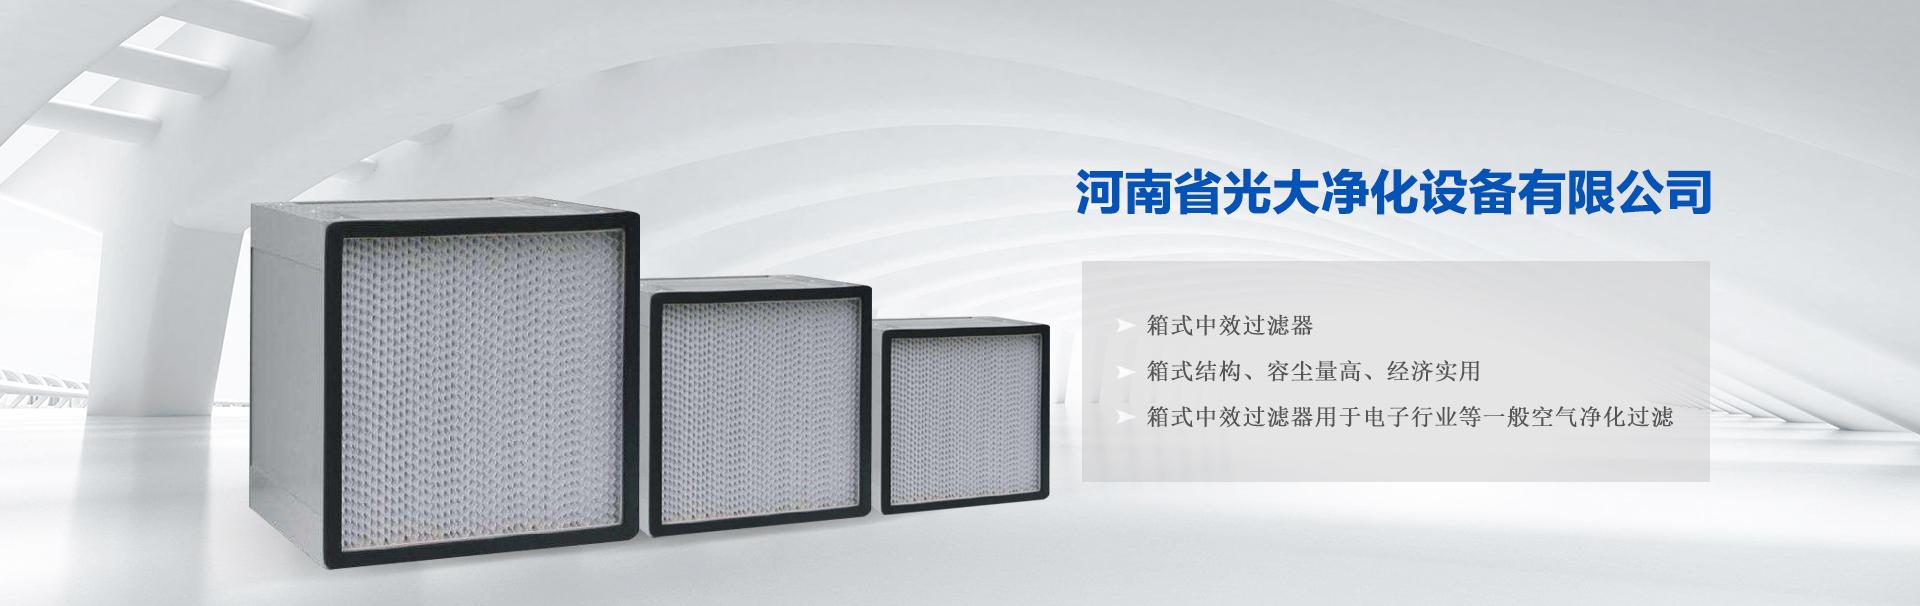 高效过滤器,中效袋式过滤器,精密空调过滤网